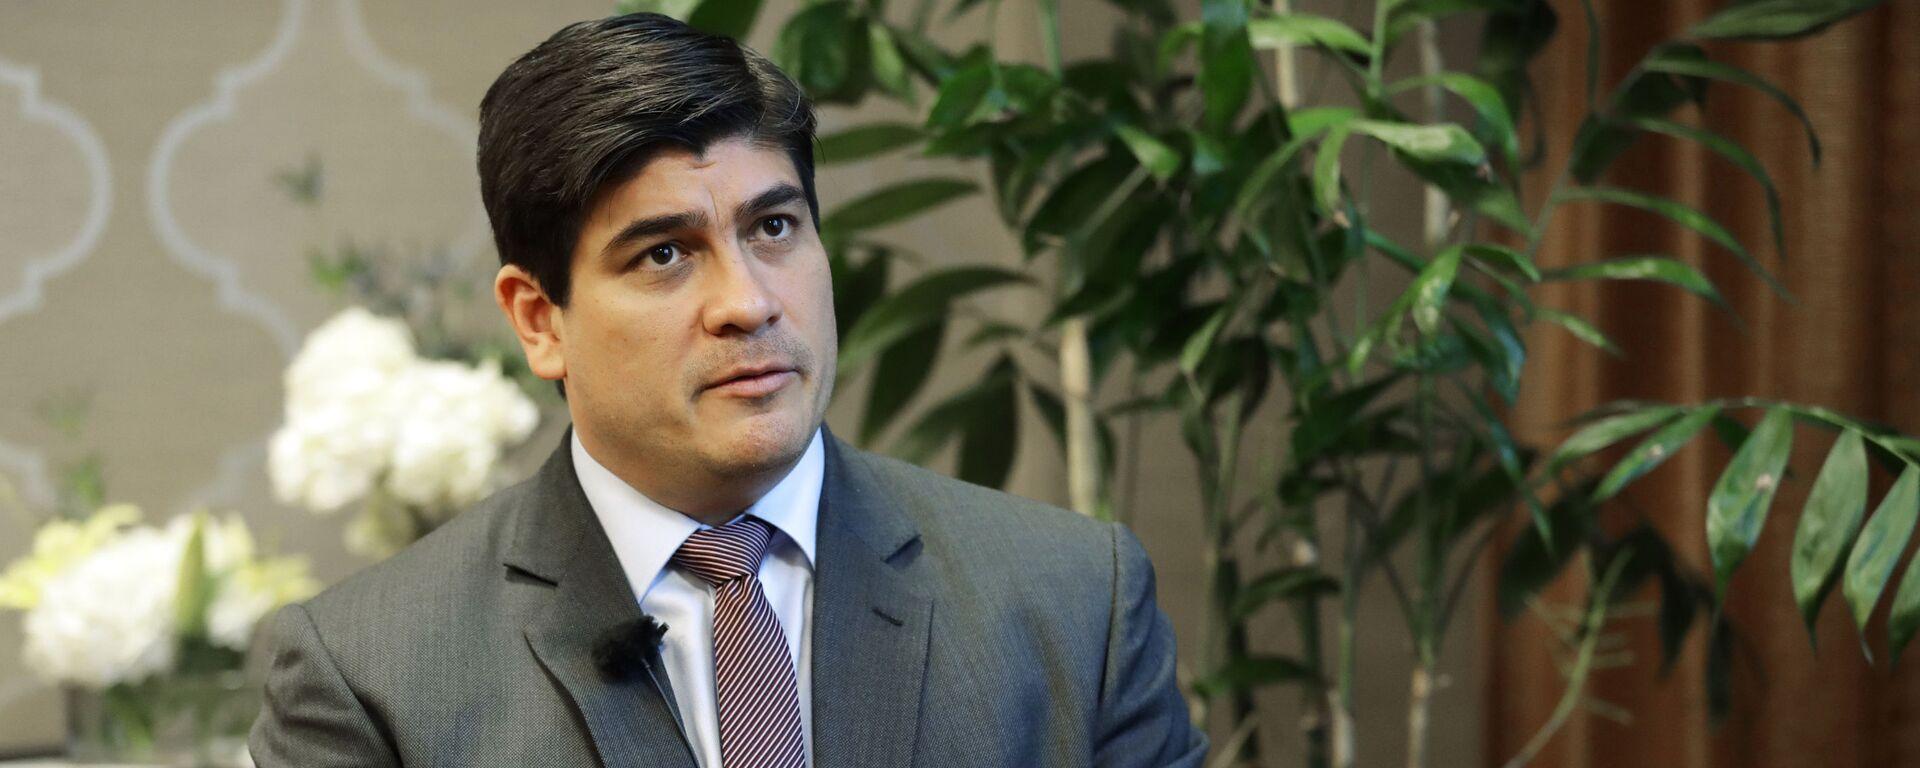 Carlos Alvarado, presidente de Costa Rica - Sputnik Mundo, 1920, 03.06.2021